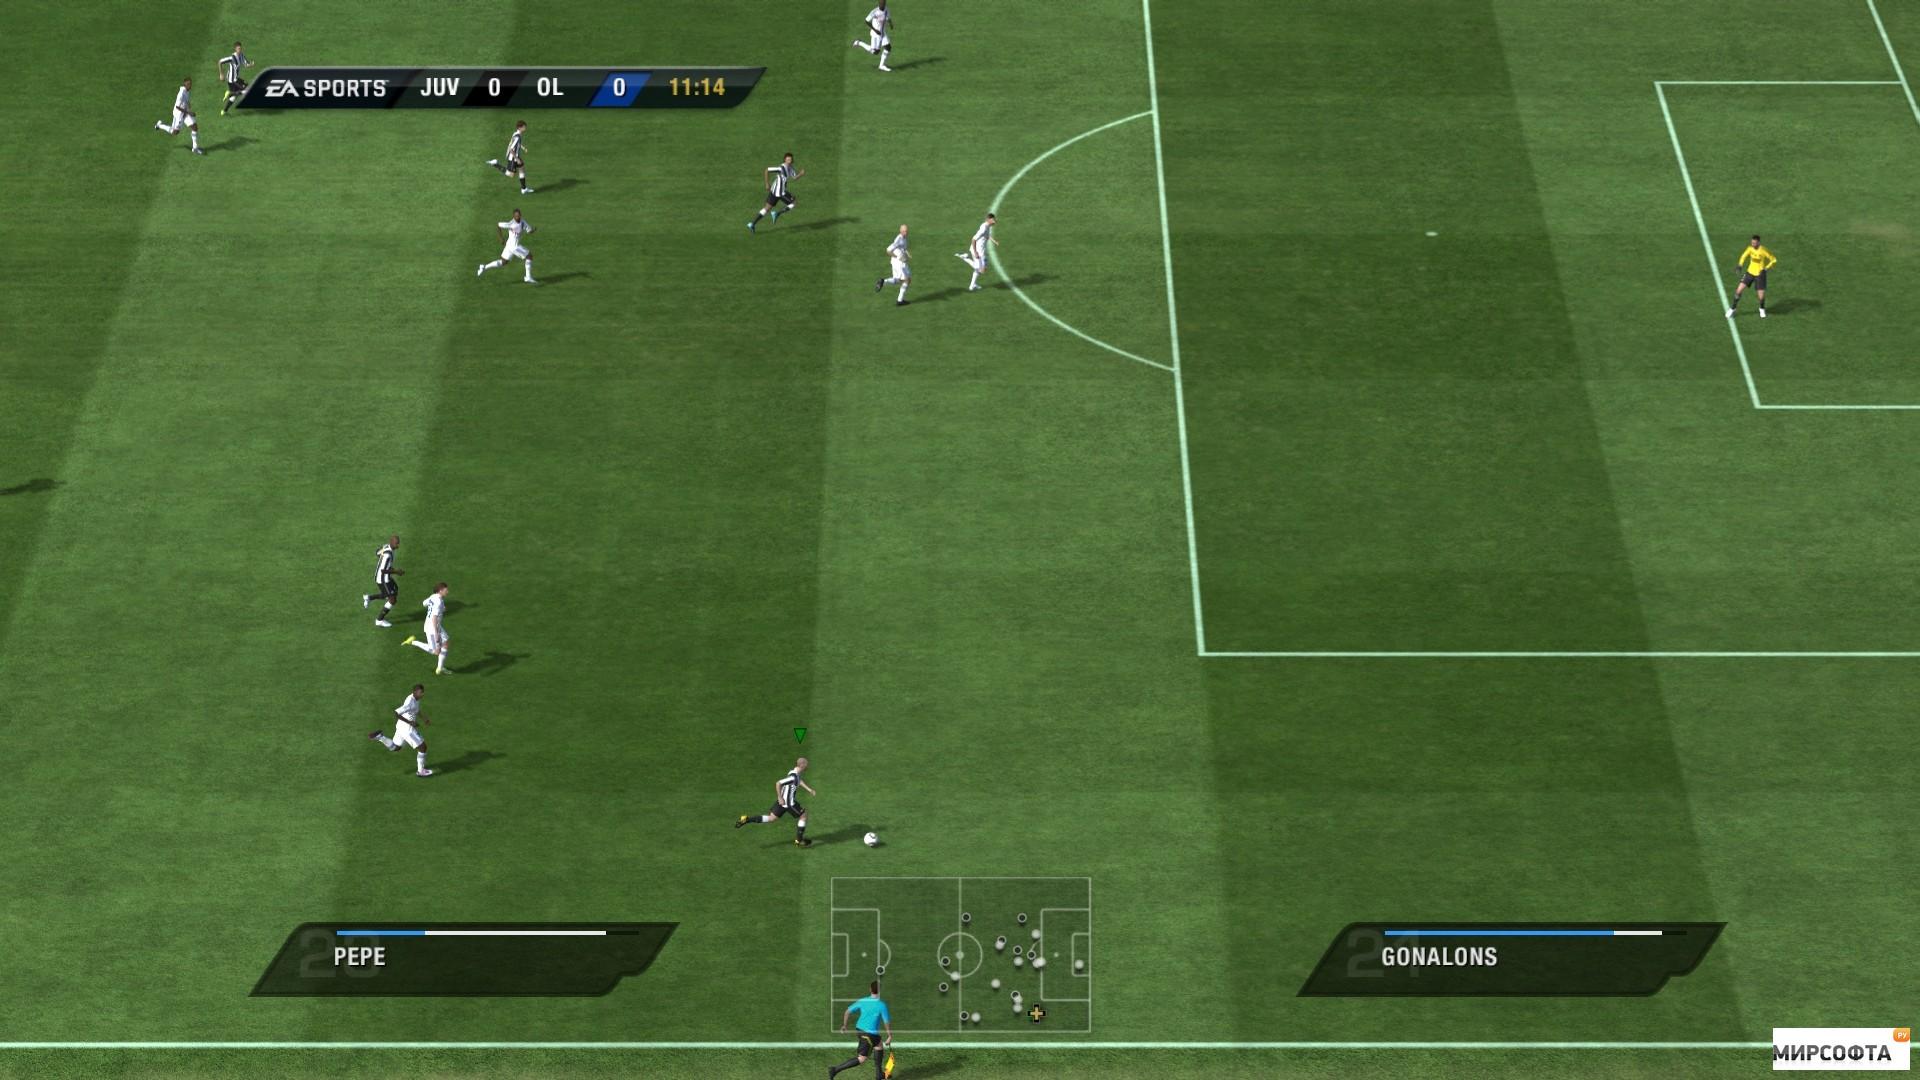 Fifa 2006 free download full version pc game setup.